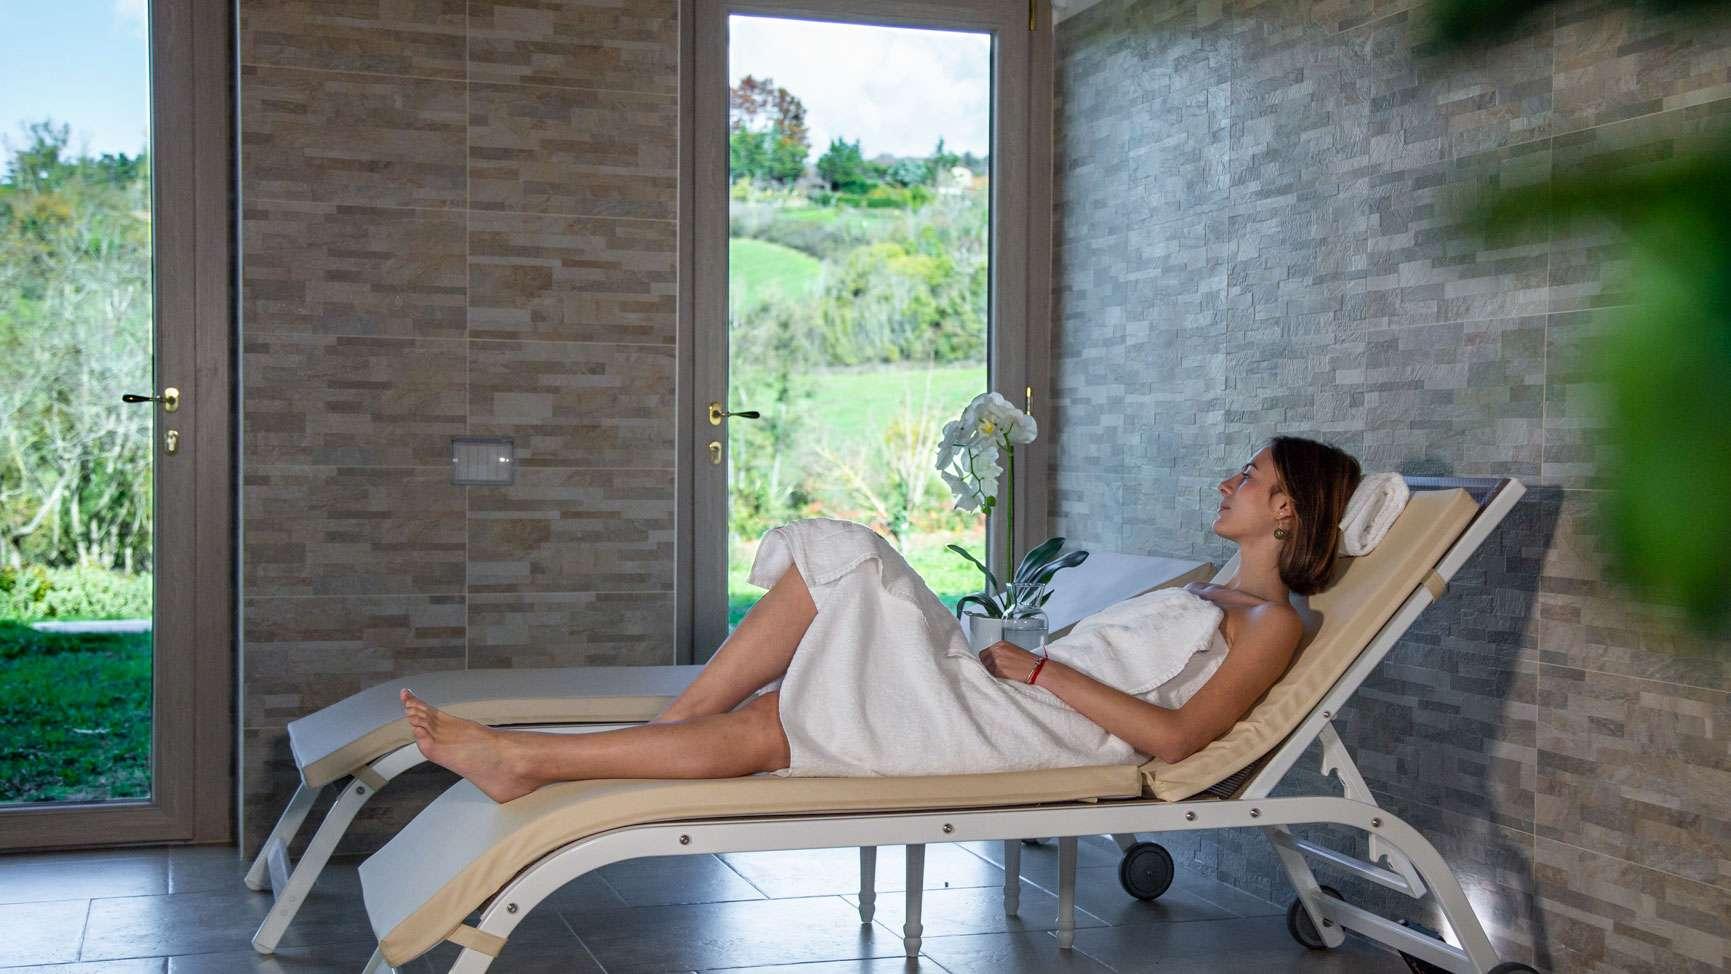 ragazza che si rilassa nel nostro Centro benessere & Spa vicino a Firenze